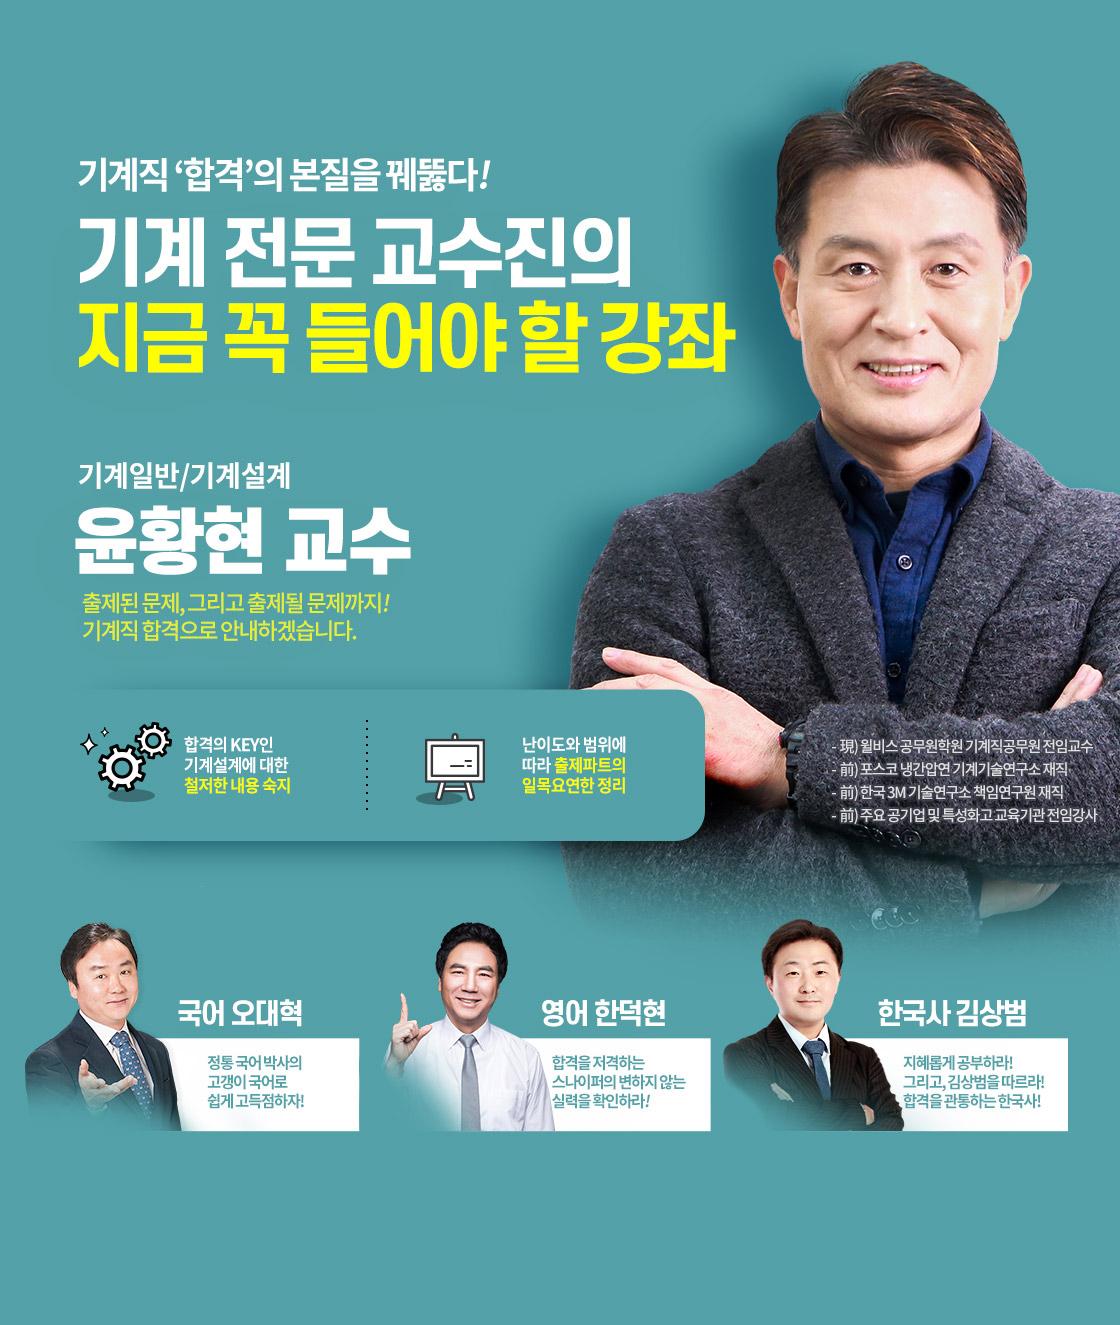 윤황현 교수